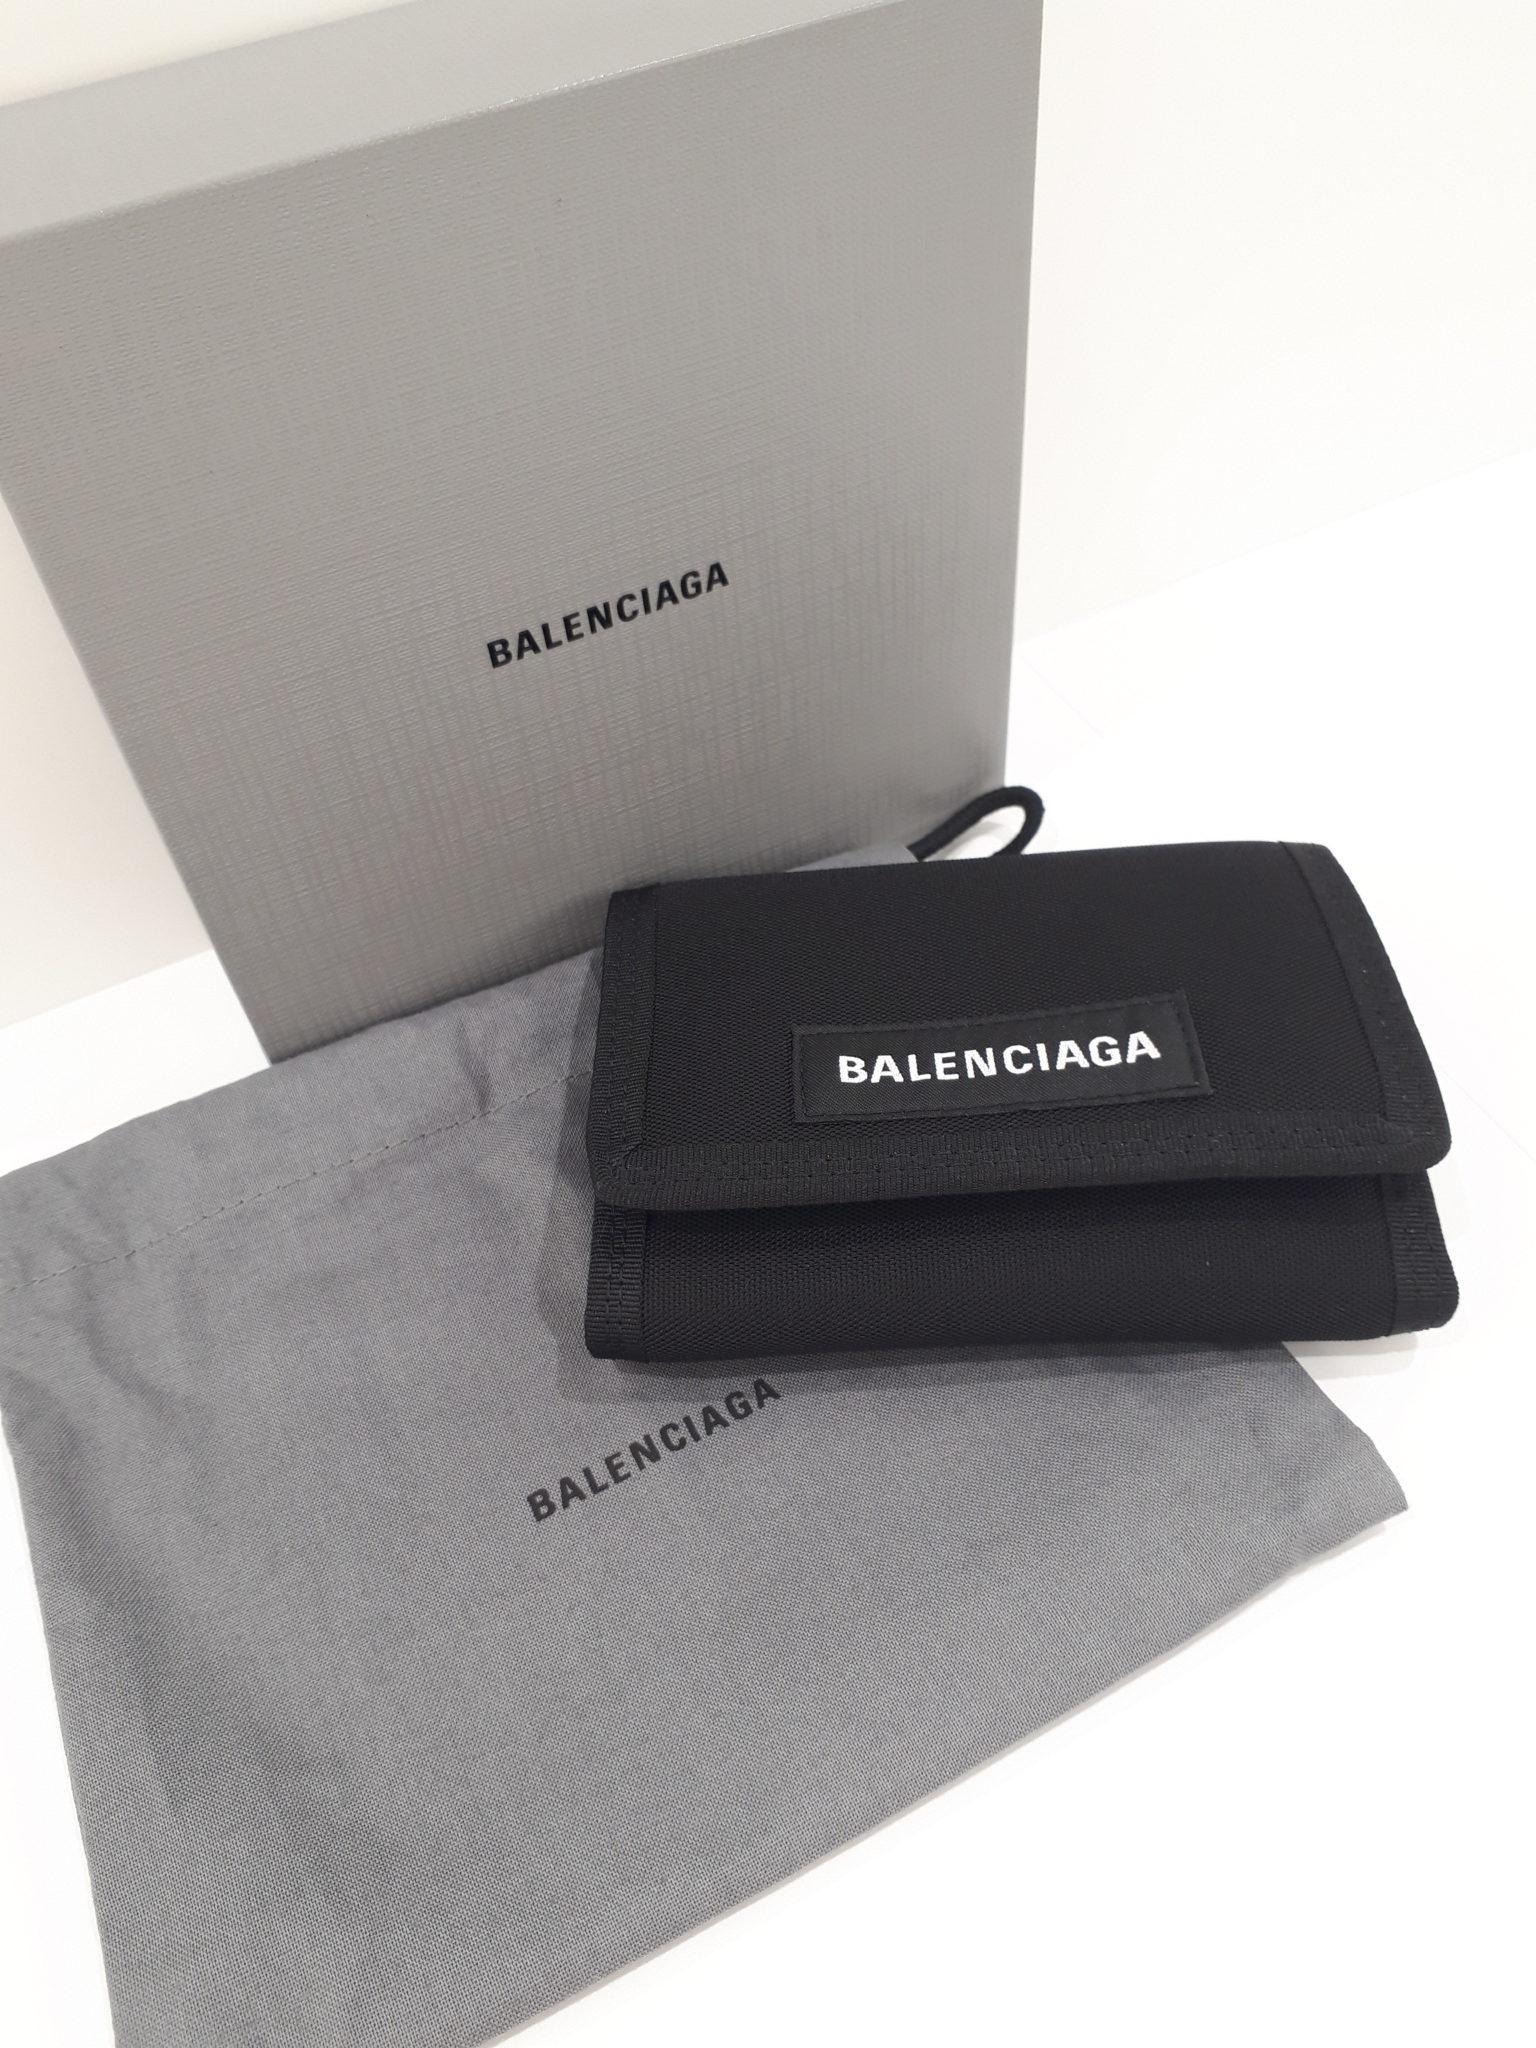 【バレンシアガ 507481 3つおり財布】を盛岡市のお客様よりお買取させて頂きました!